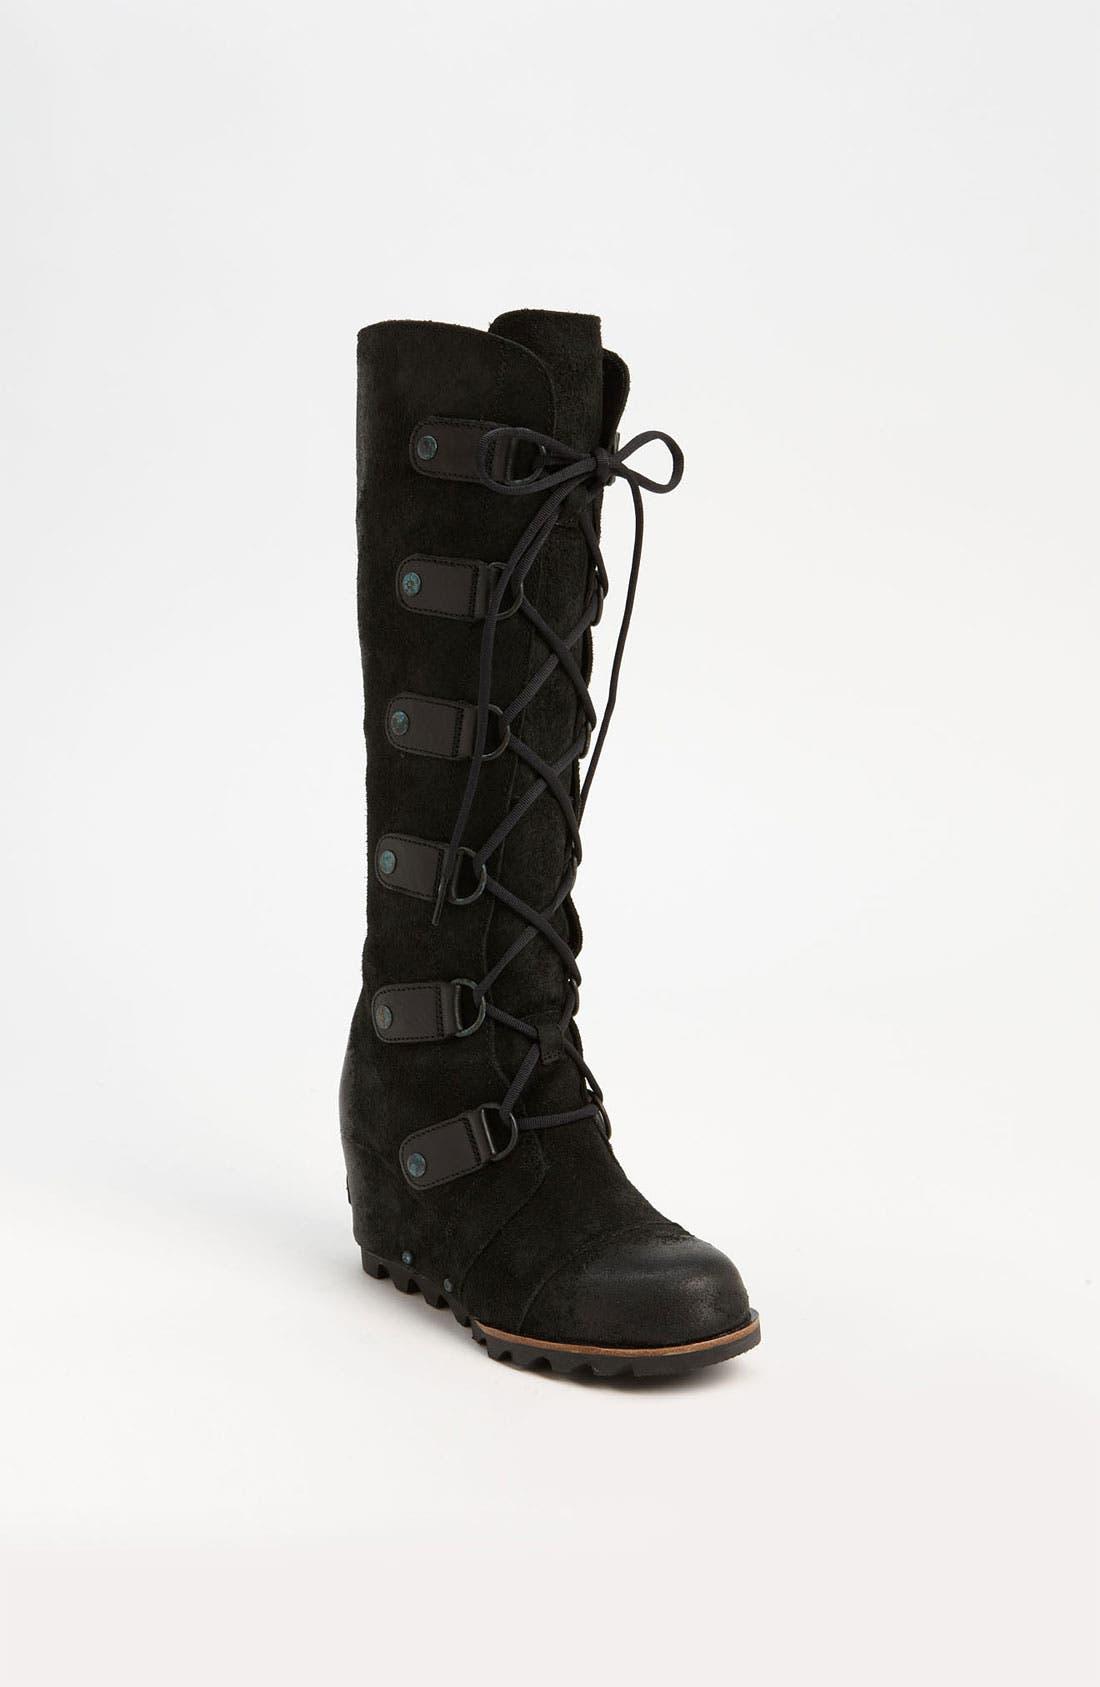 Alternate Image 1 Selected - Sorel 'Joan of Arctic' Wedge Boot